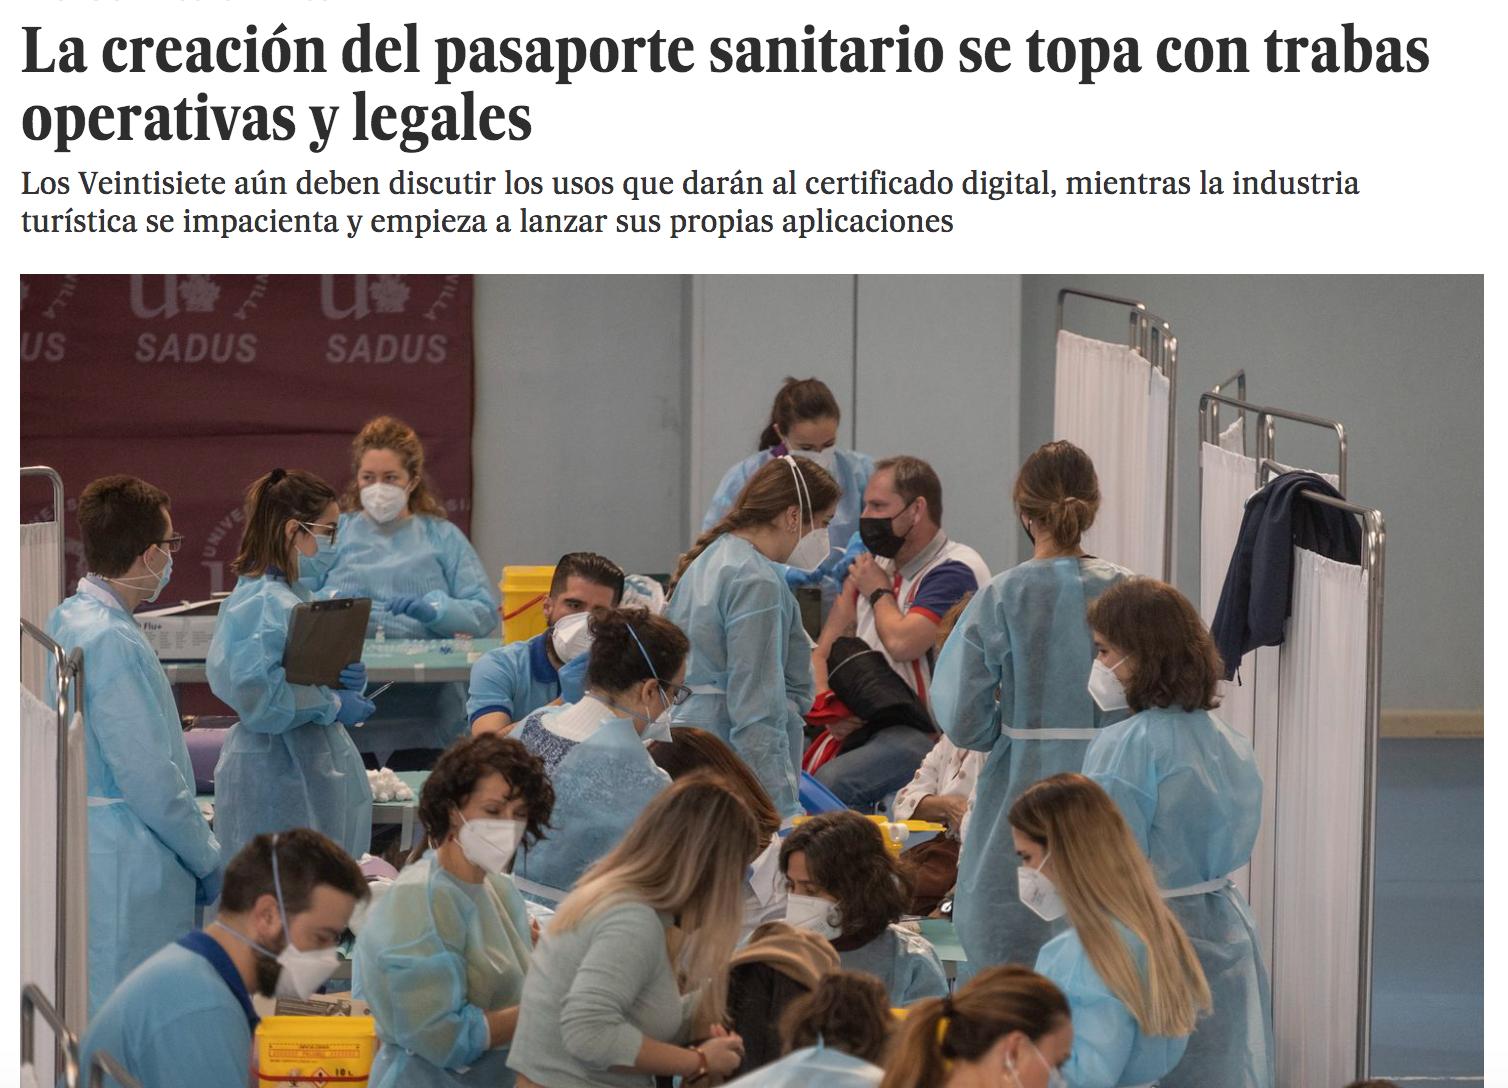 La creación del pasaporte sanitario se topa con trabas operativas y legales